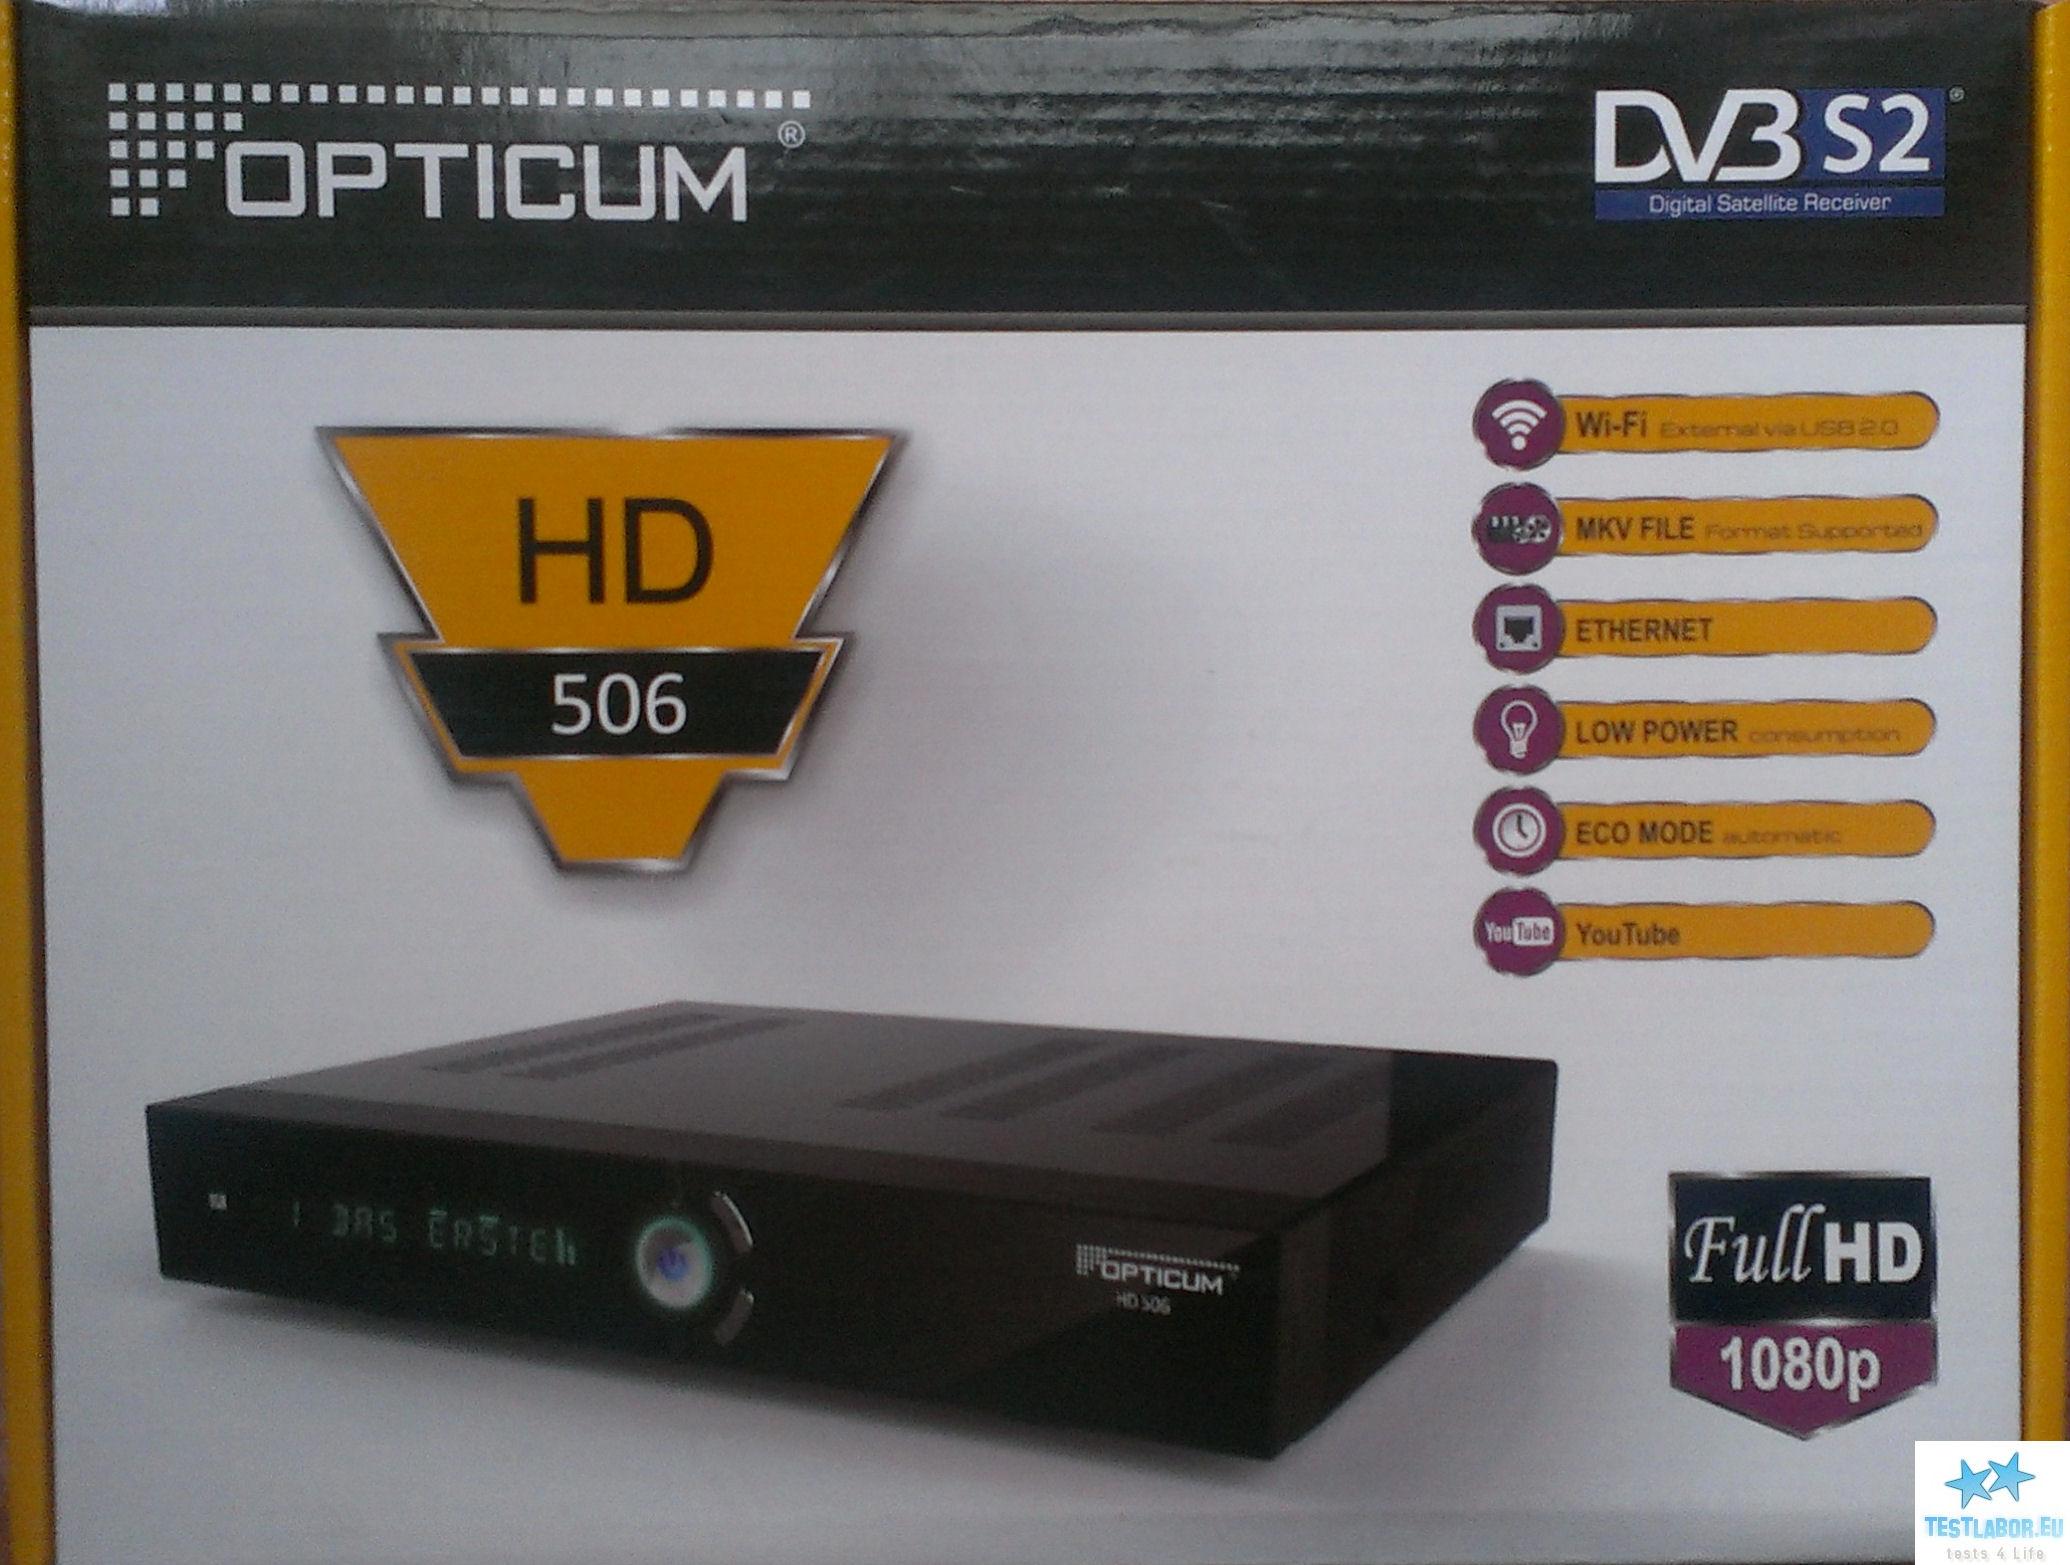 opticum hd 506 pvr. Black Bedroom Furniture Sets. Home Design Ideas